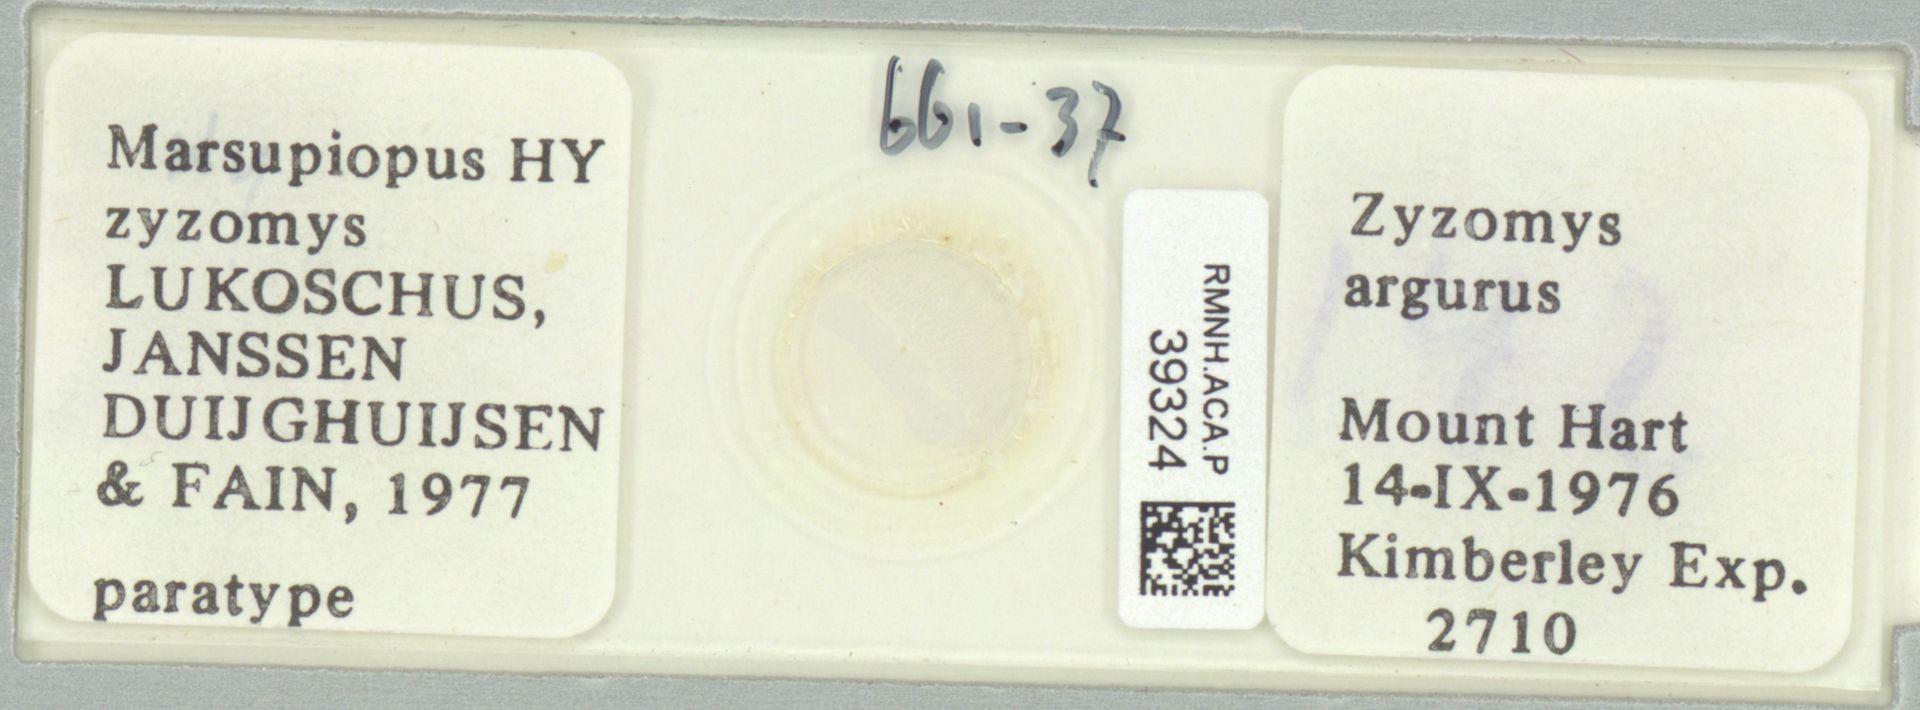 RMNH.ACA.P.39324 | Marsupiopus zyzomys Lukoschus,Janssen, Duijghuijsen & Fain